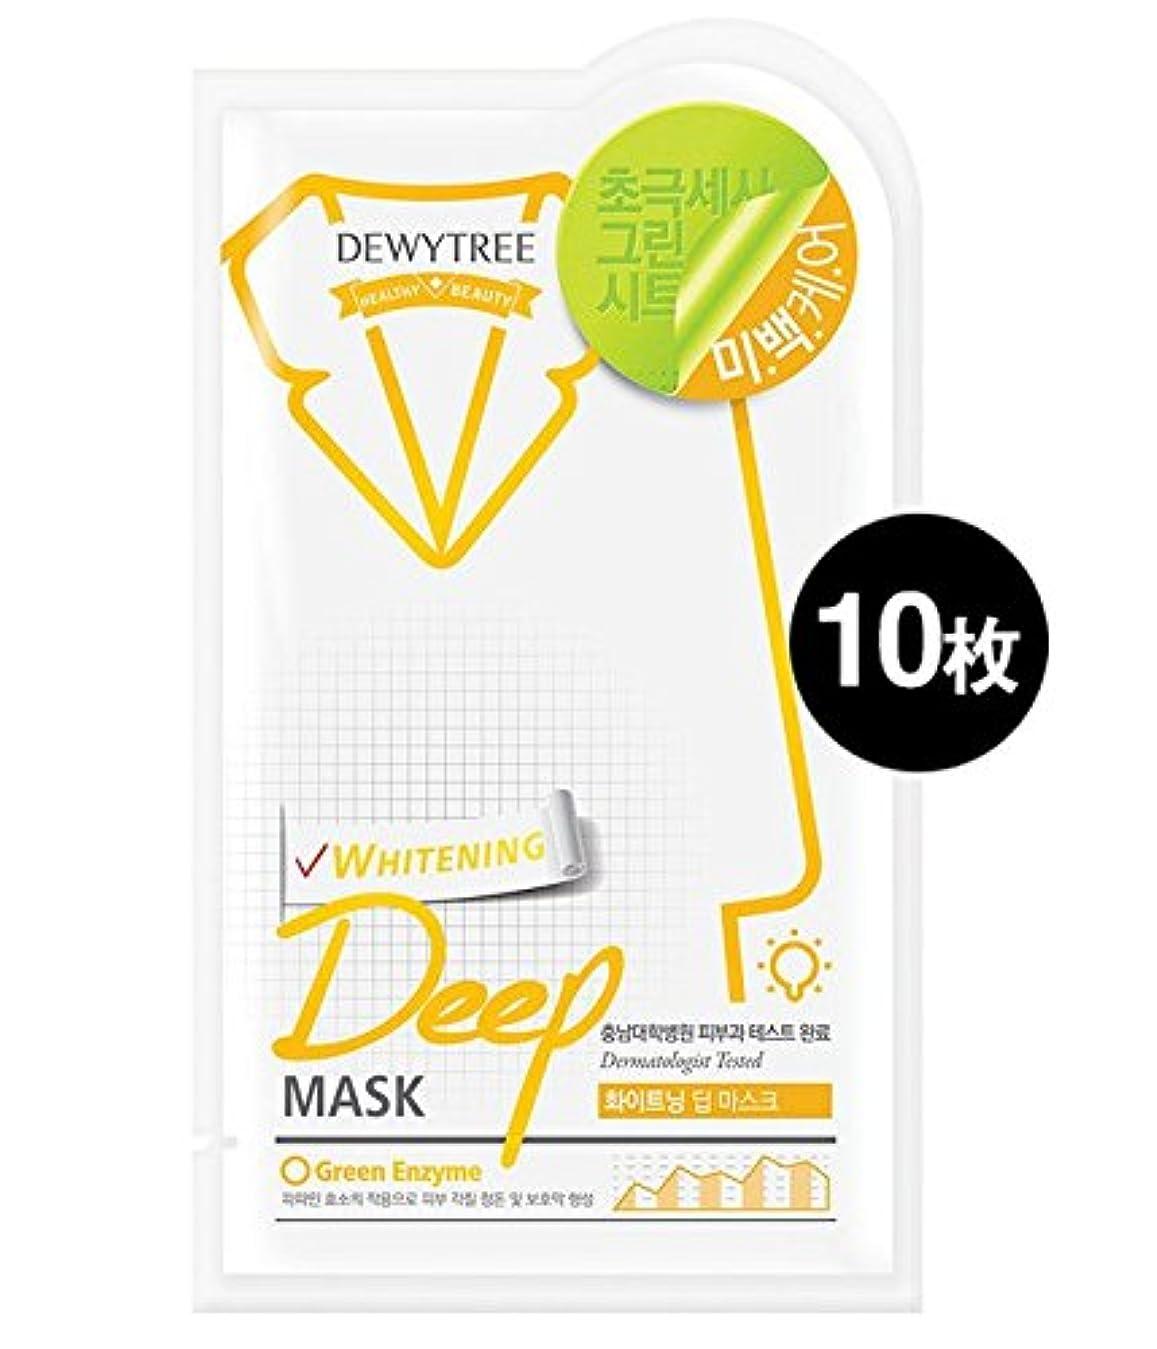 地元責喉が渇いた(デューイトゥリー) DEWYTREE ホワイトニングディープマスク 10枚 Whitening Deep Mask 韓国マスクパック (並行輸入品)